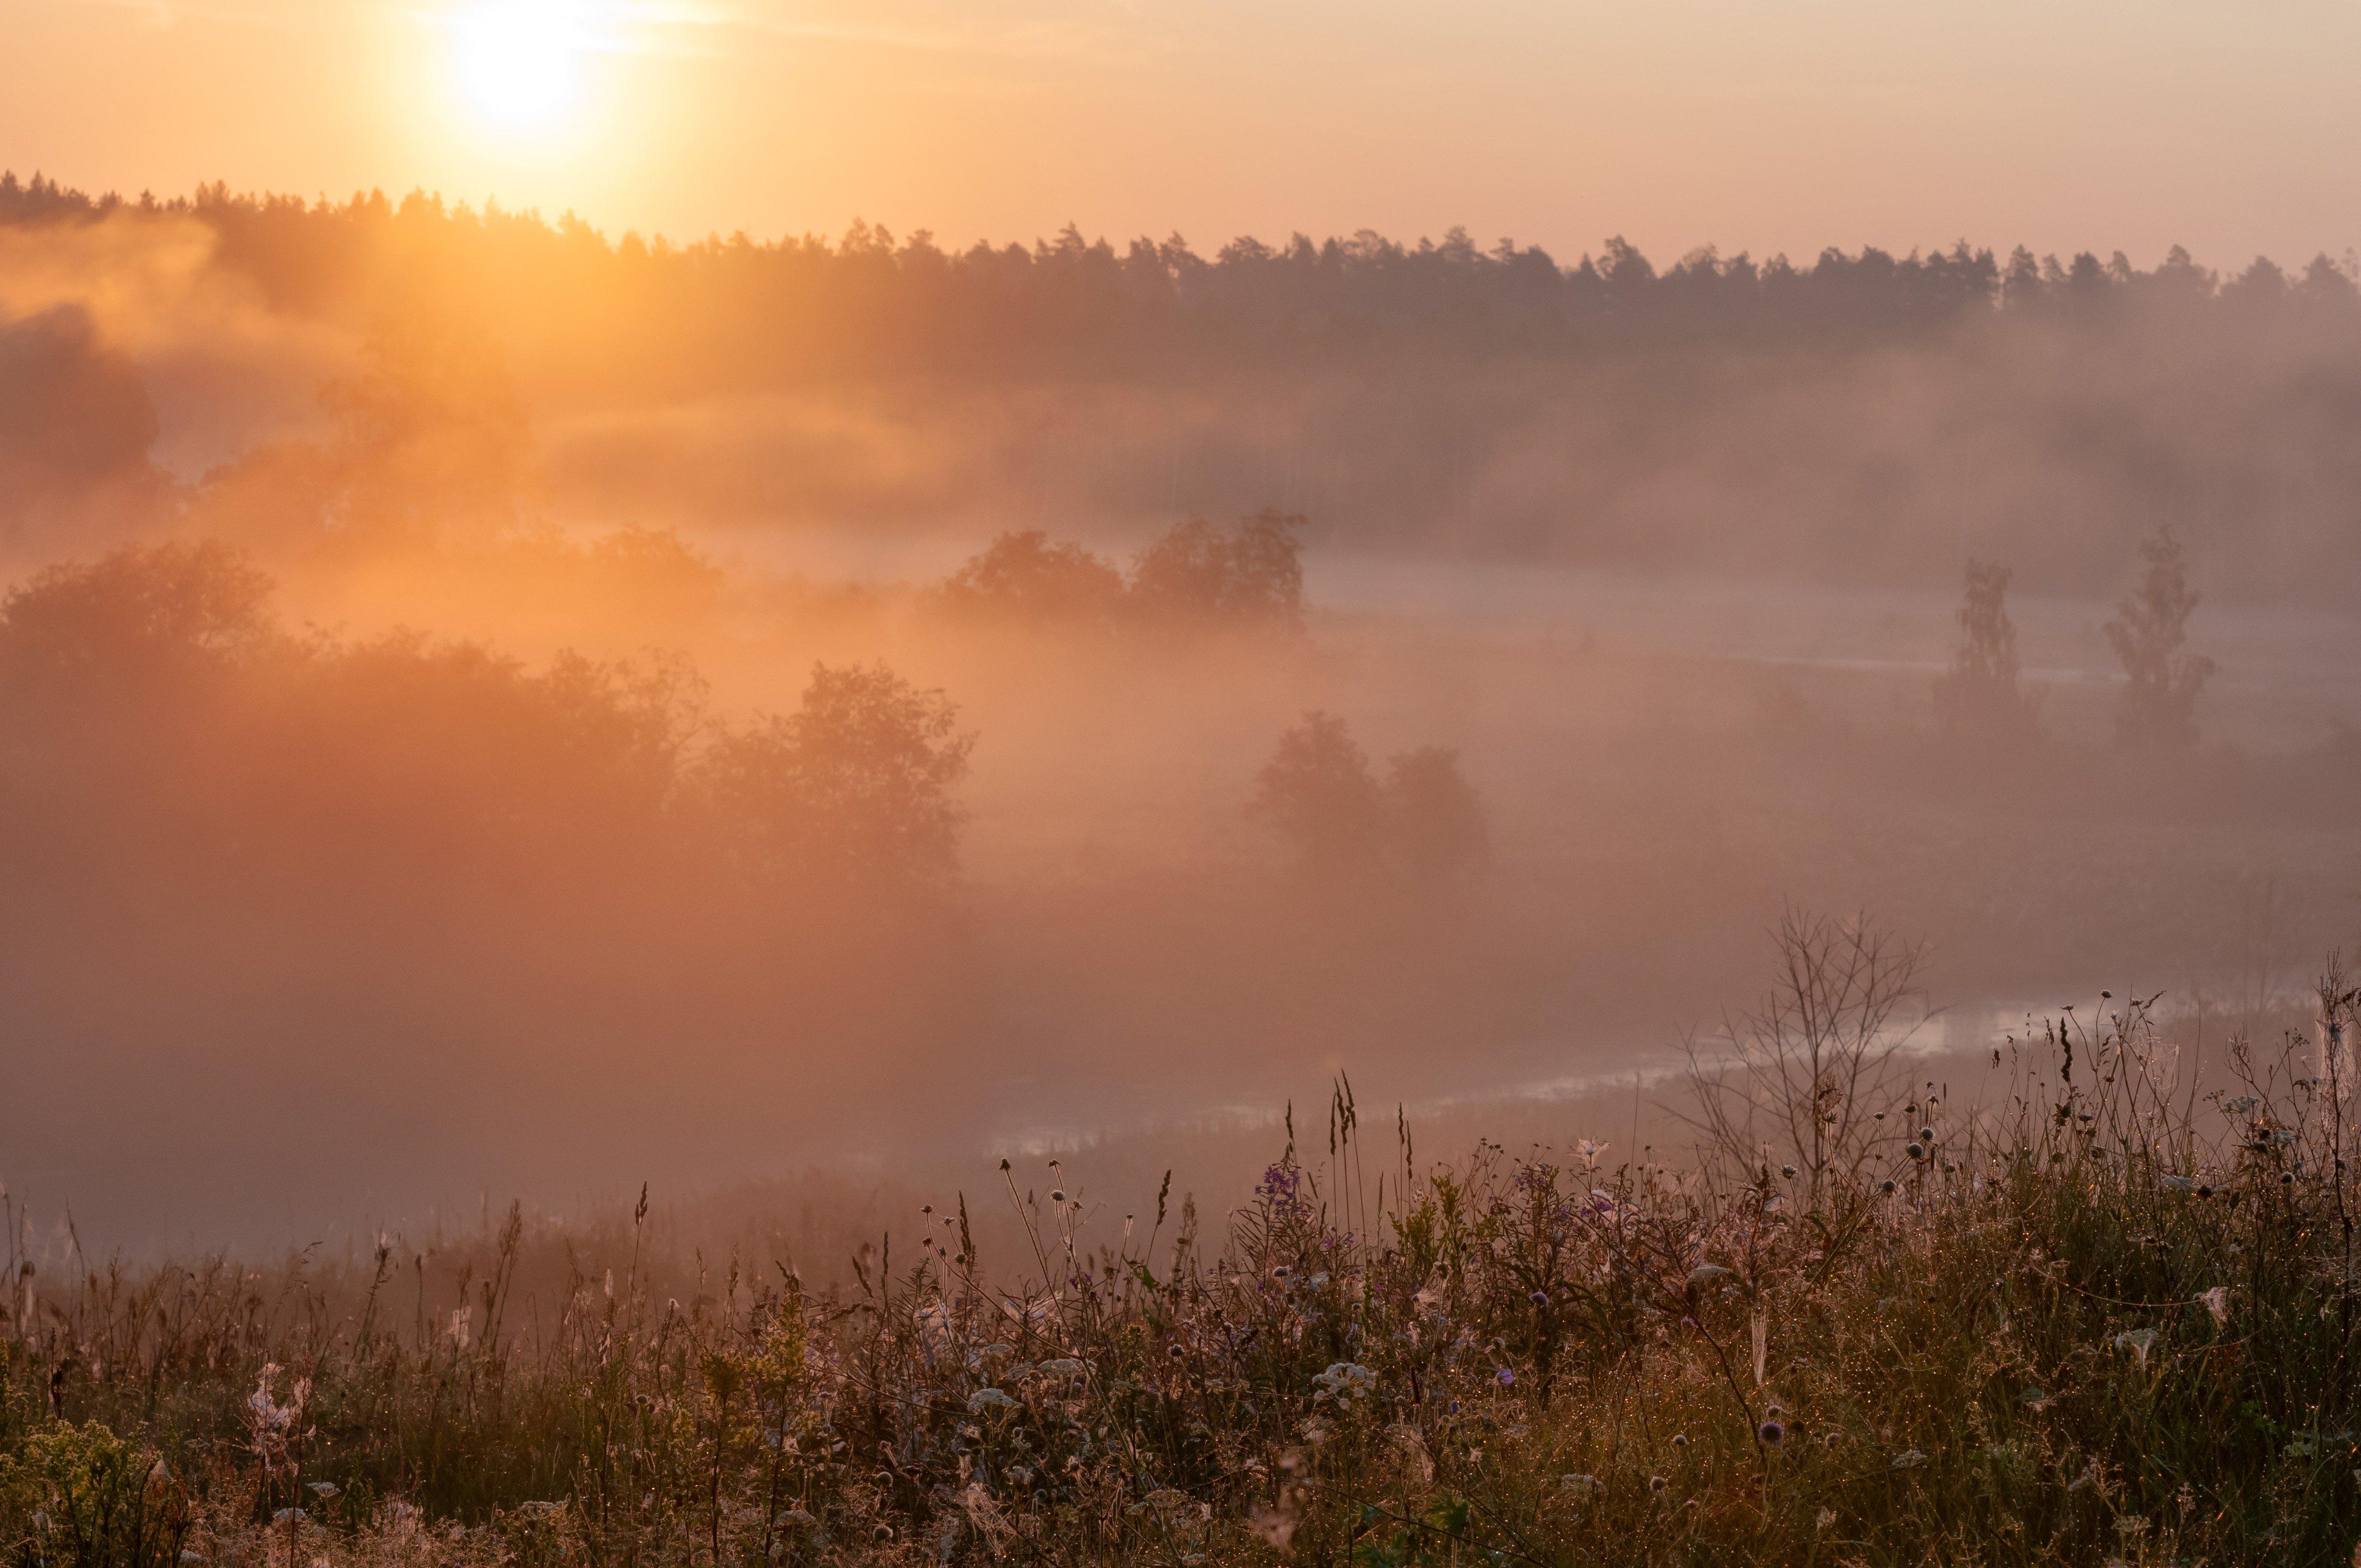 июль, лето, утро, восход, туман, природа, Yakovlev Artur